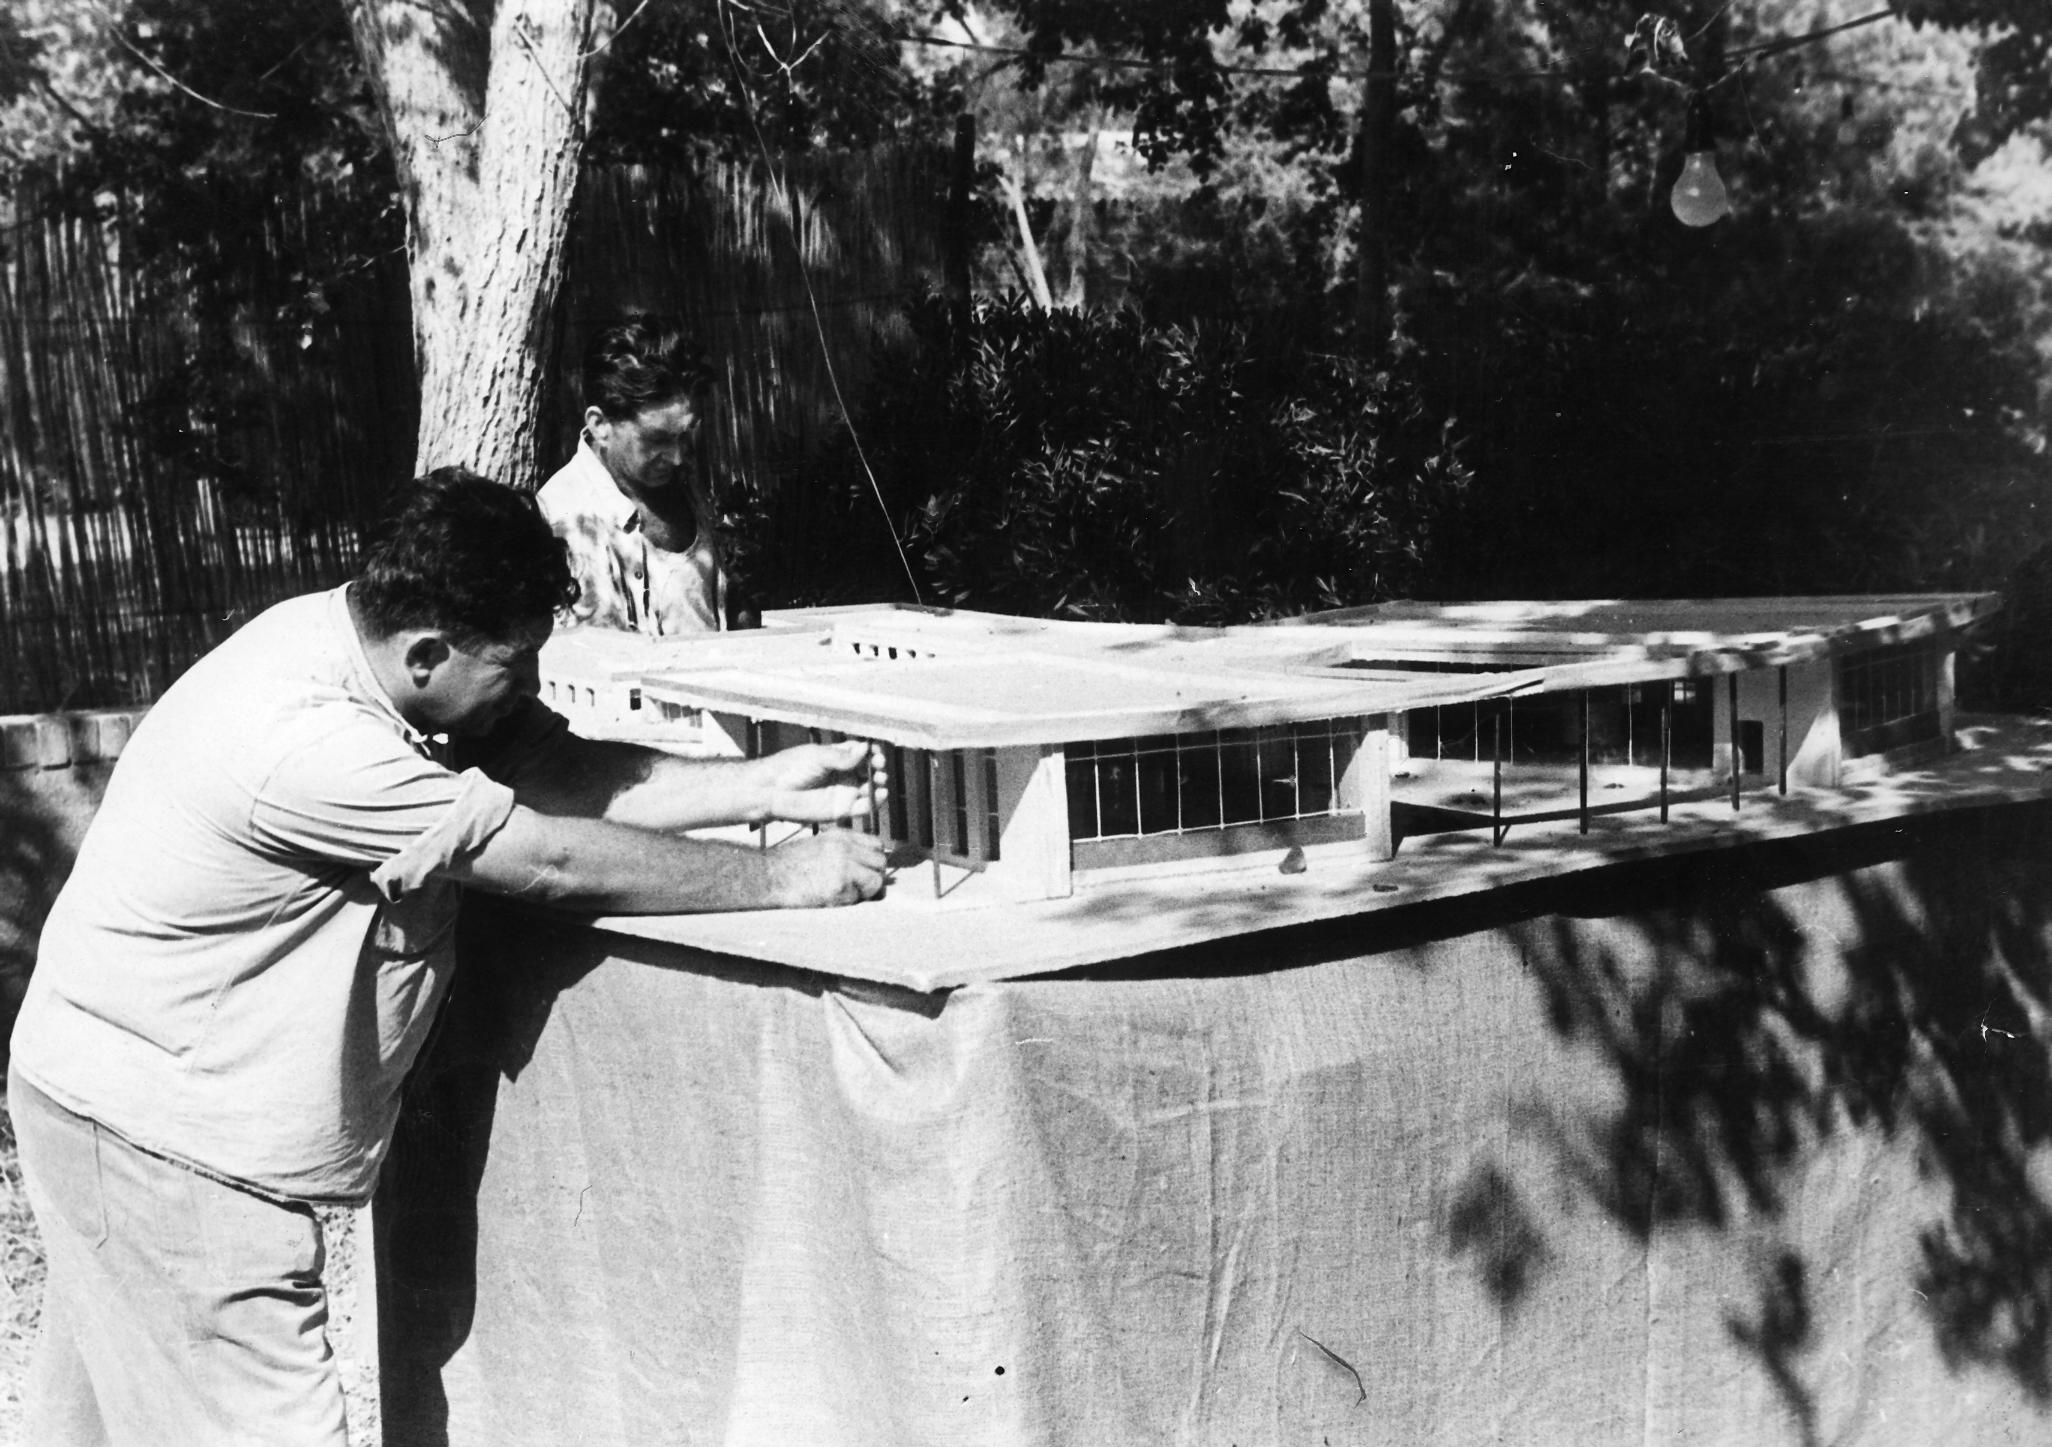 האדריכל שמואל מסטצ'קין עומד ליד דגם חדר האוכל החדש בקיבוץ שער הגולן